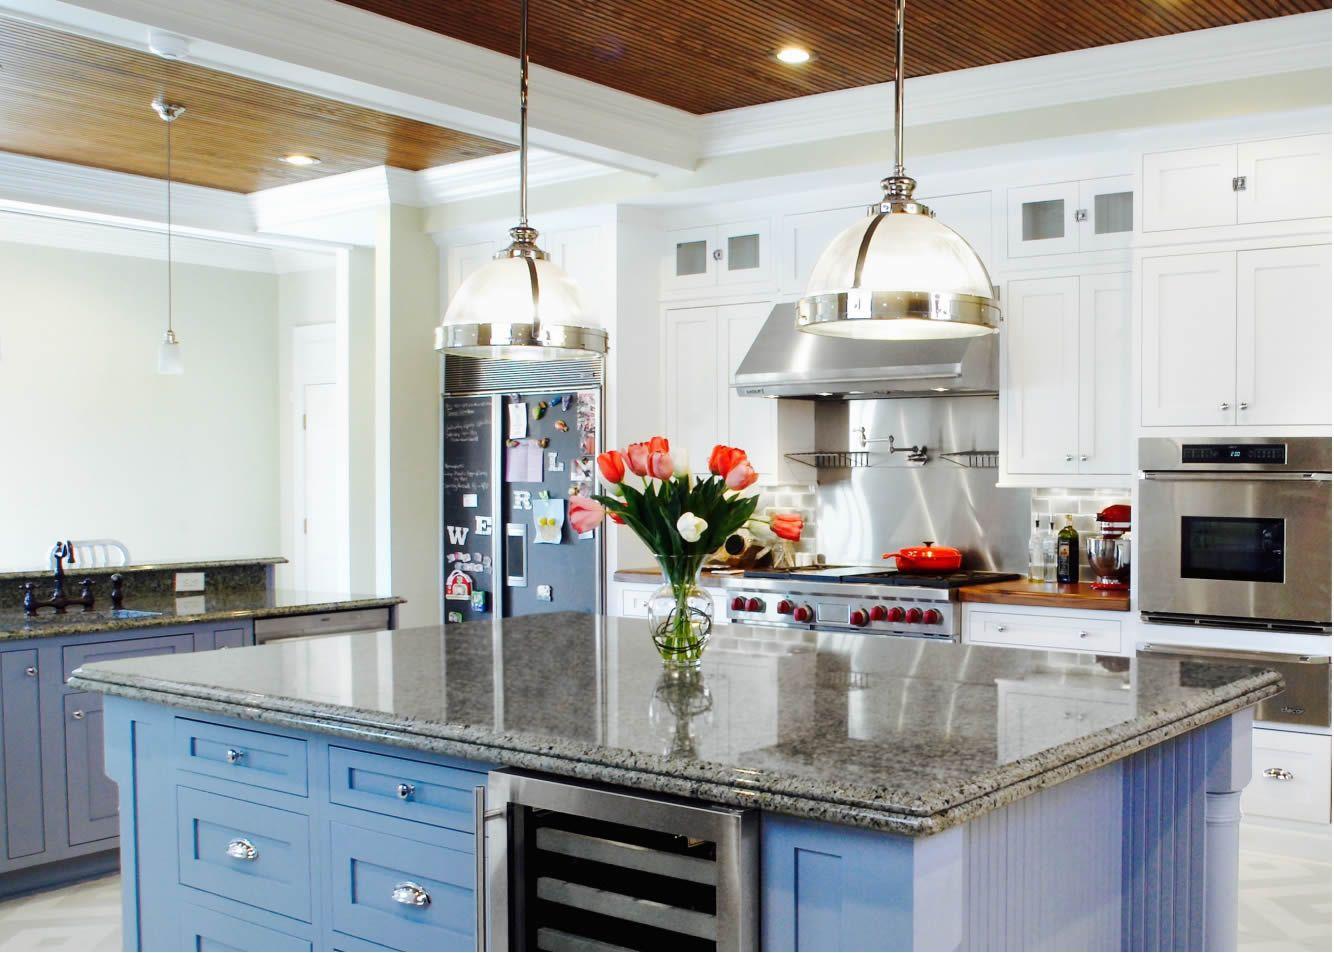 The Jamestown Kitchen Cks Design Studio Small Kitchen Redo Kitchen Kitchen Remodel